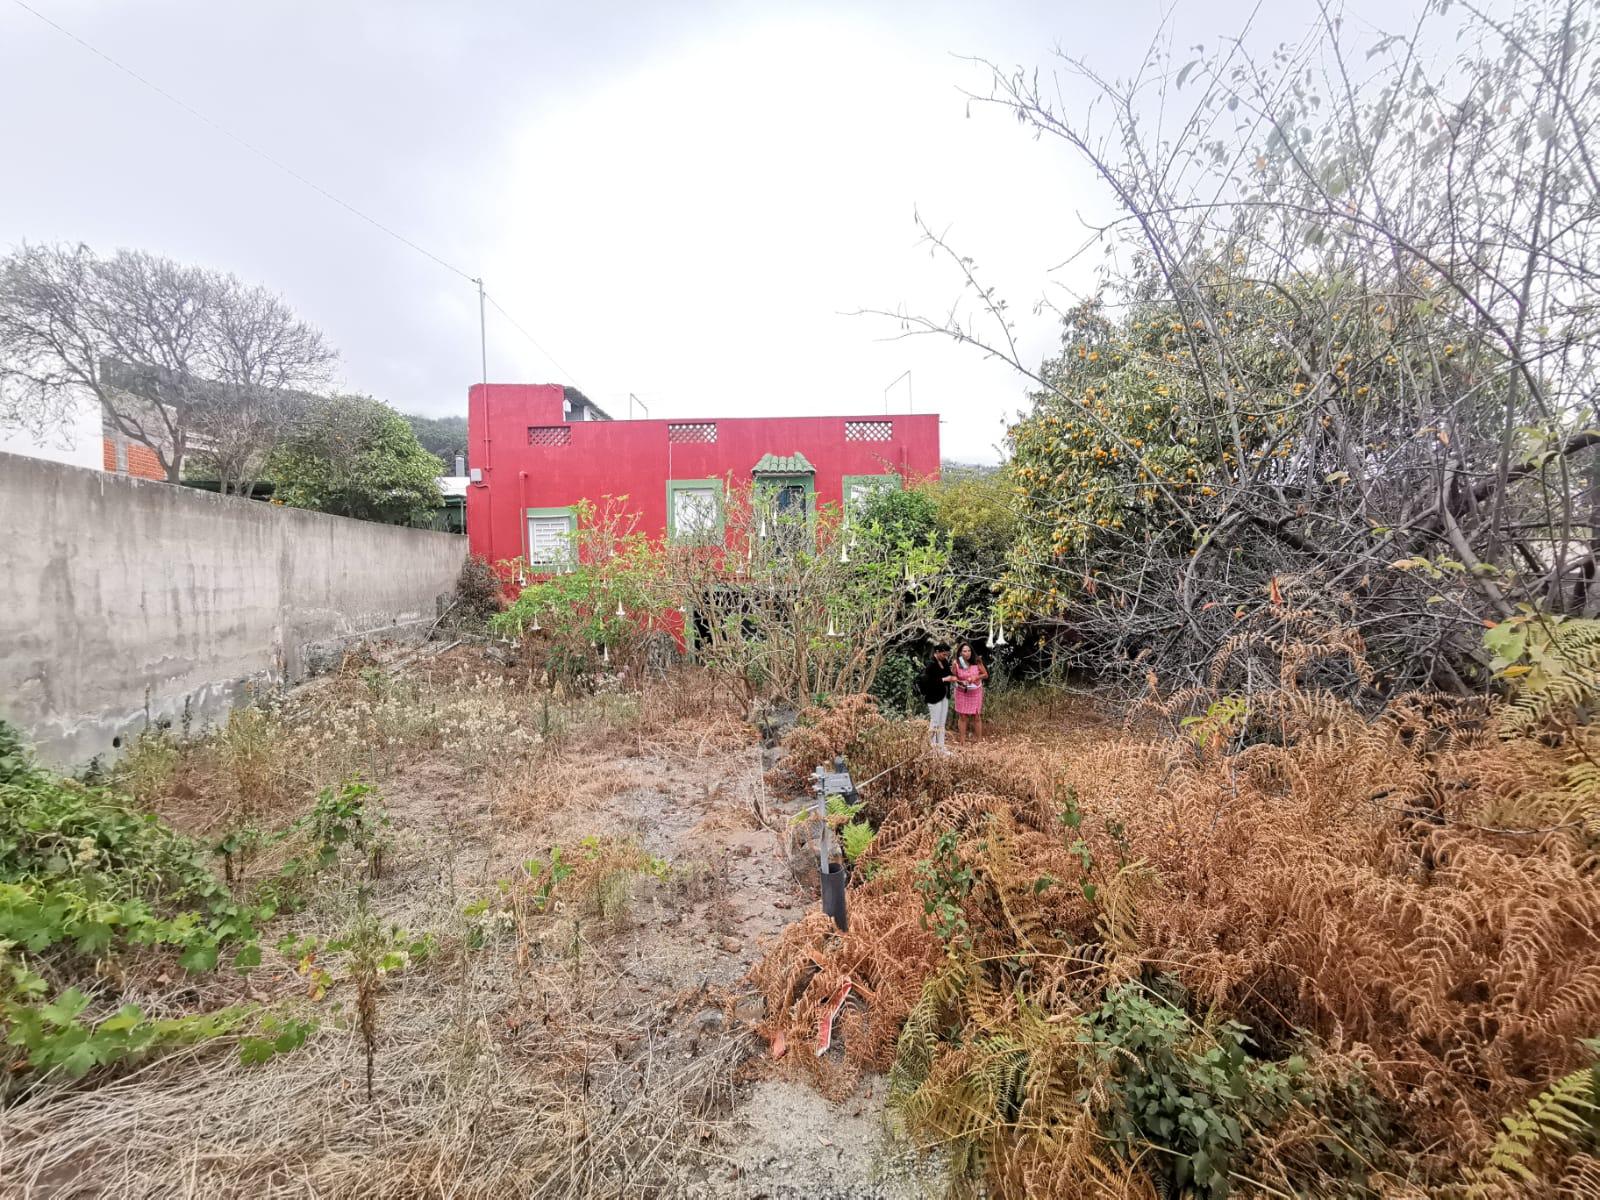 CHALET CON TERRENO Y CASAS DE 701 M2. JARDIN, GARAJE, ARBOLES FRUTALES.